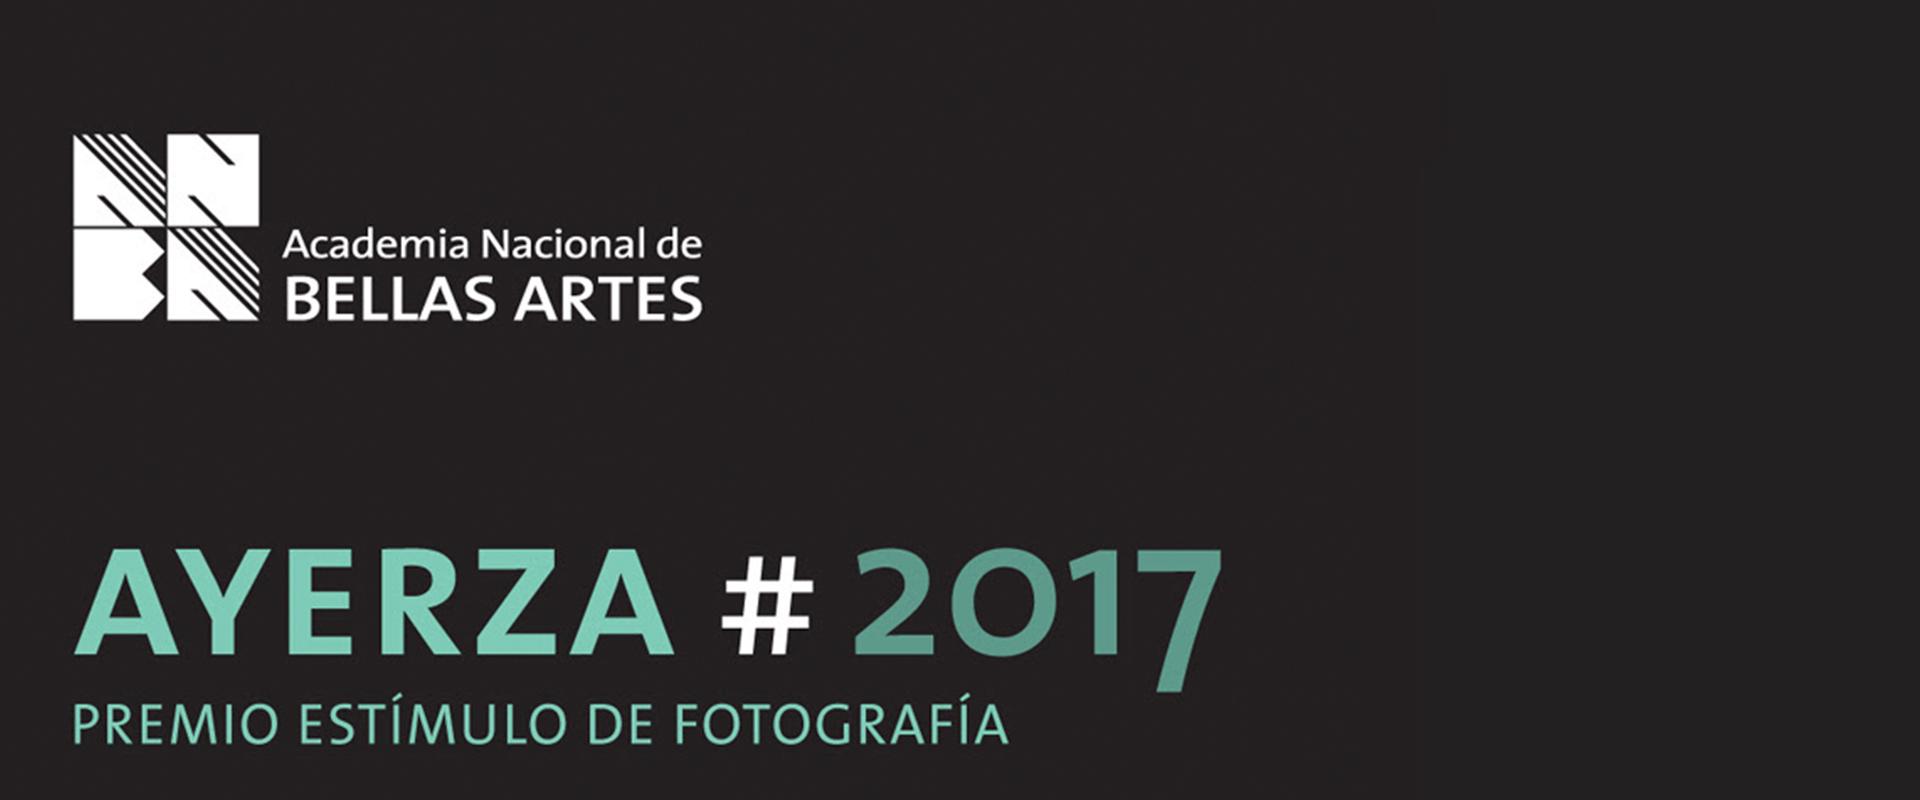 Premio Estímulo de Fotografía